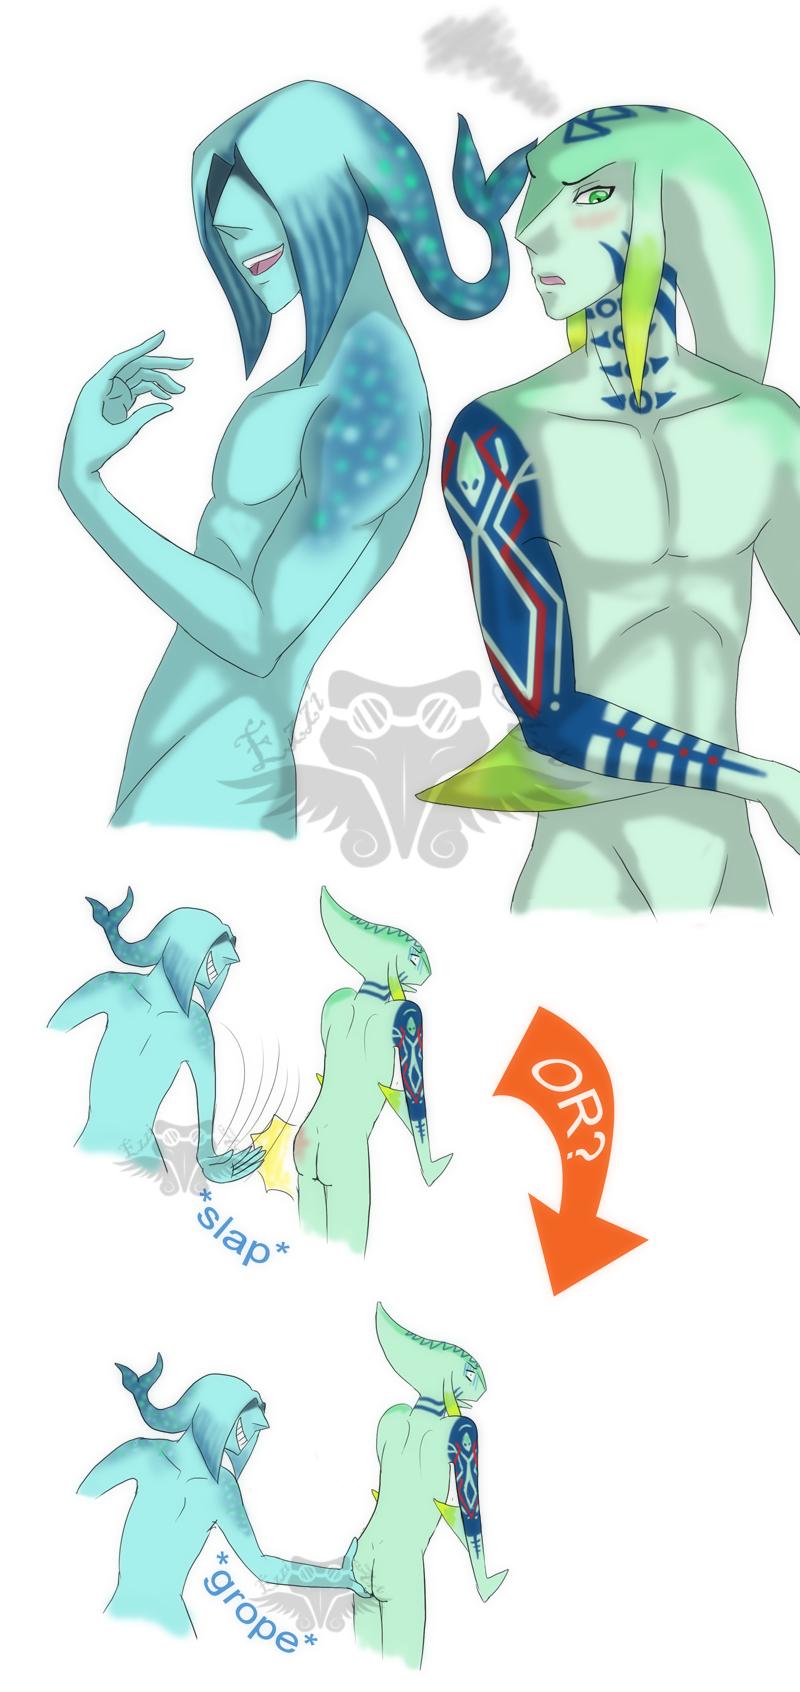 chest majora's shop mask treasure Mortal kombat mileena and baraka